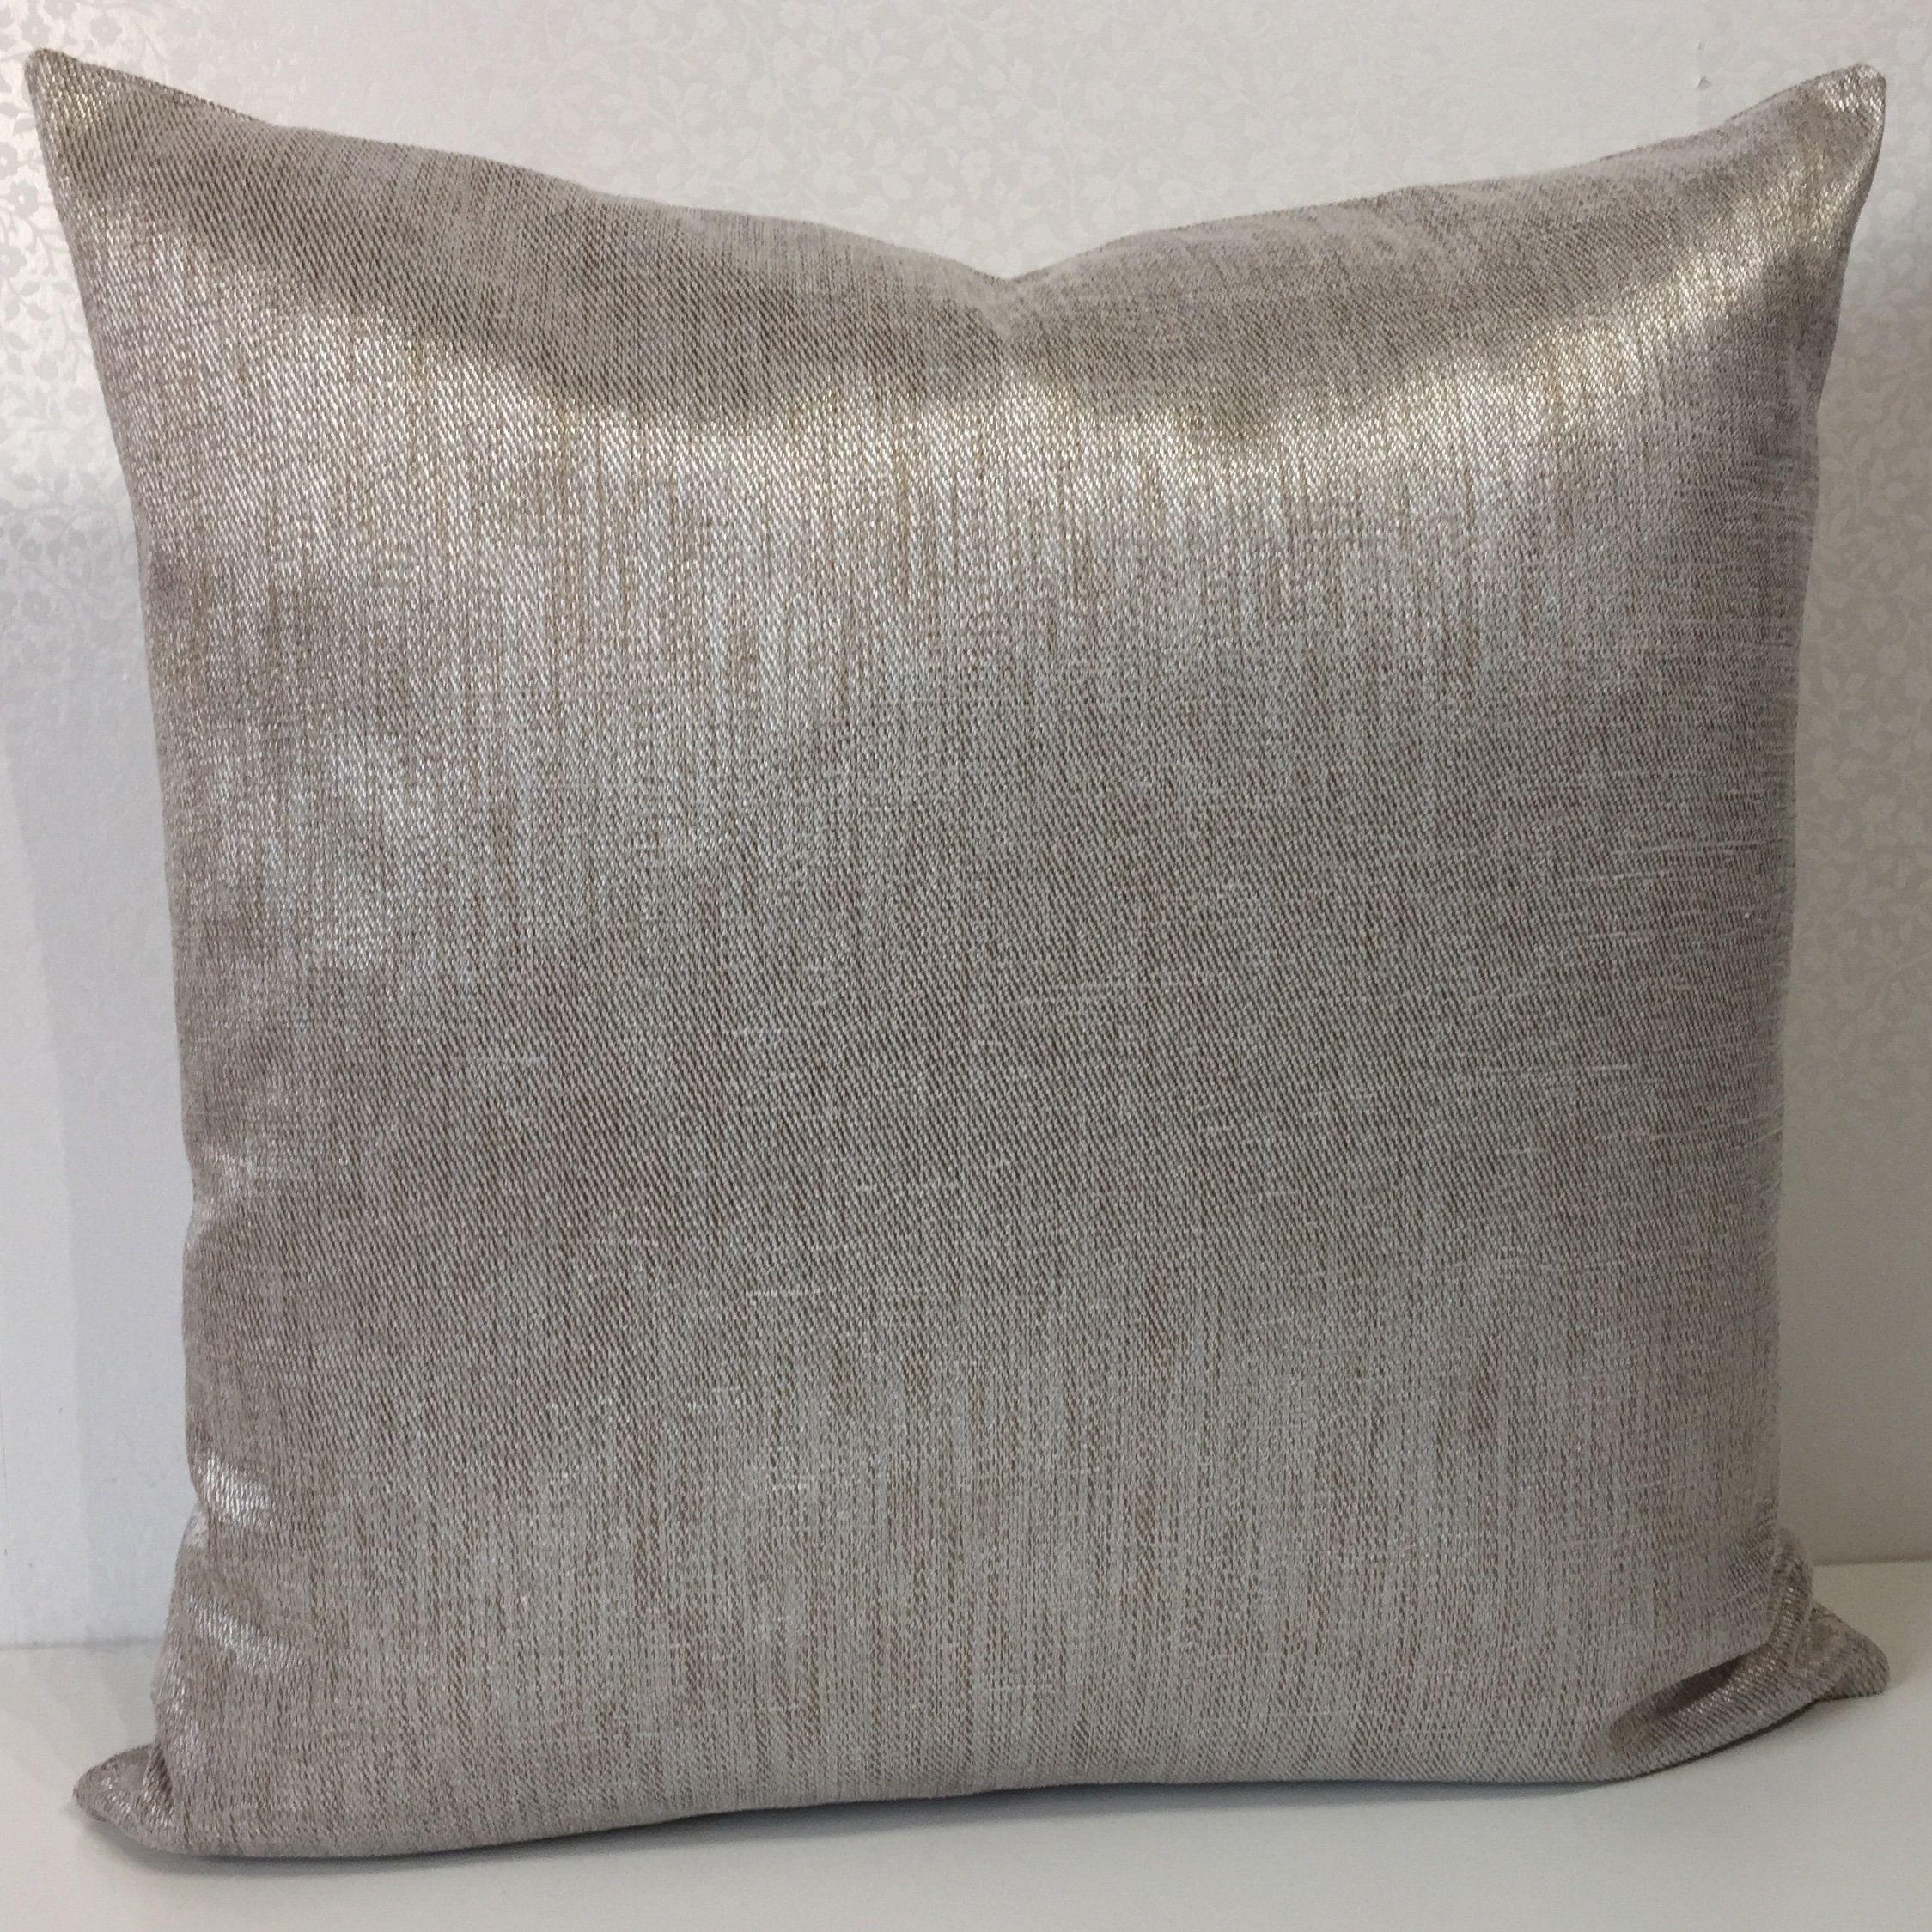 Metallic Gold Cushion Cover Plain Beige Cushion Cover Linen Cushion